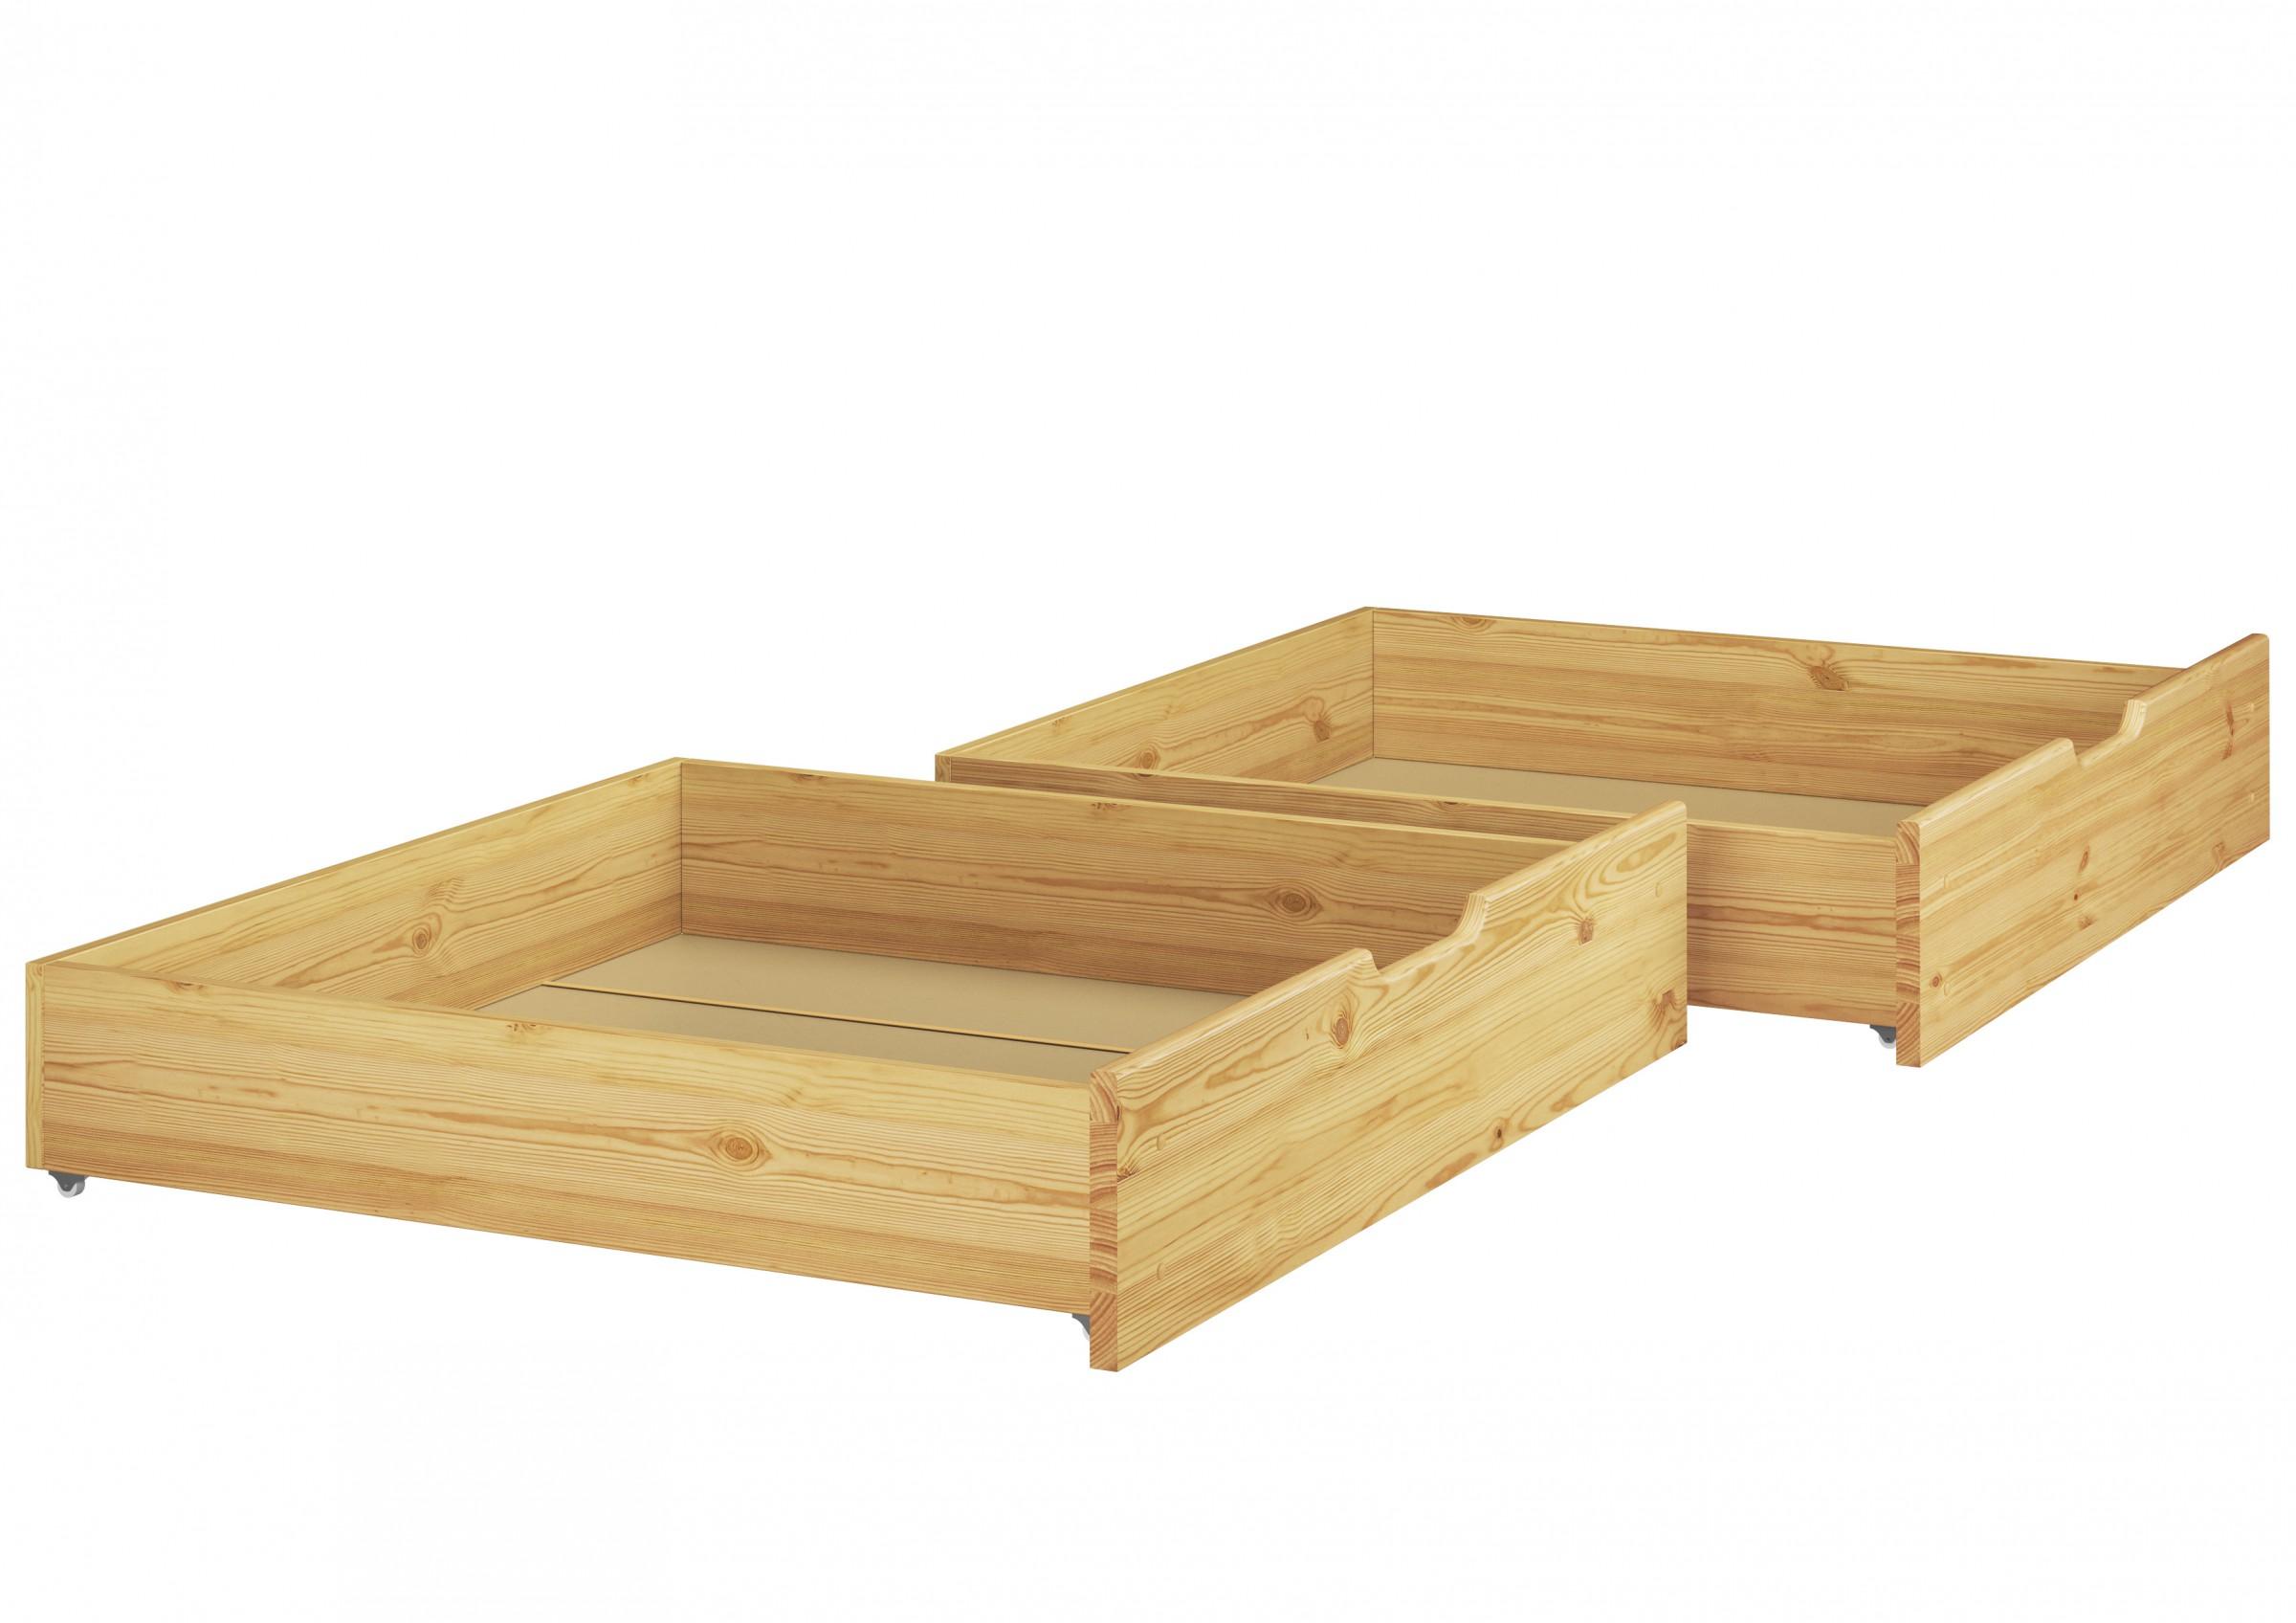 Niedriges Etagenbett : Kinder etagenbetten suzette aus massivholz für zwei